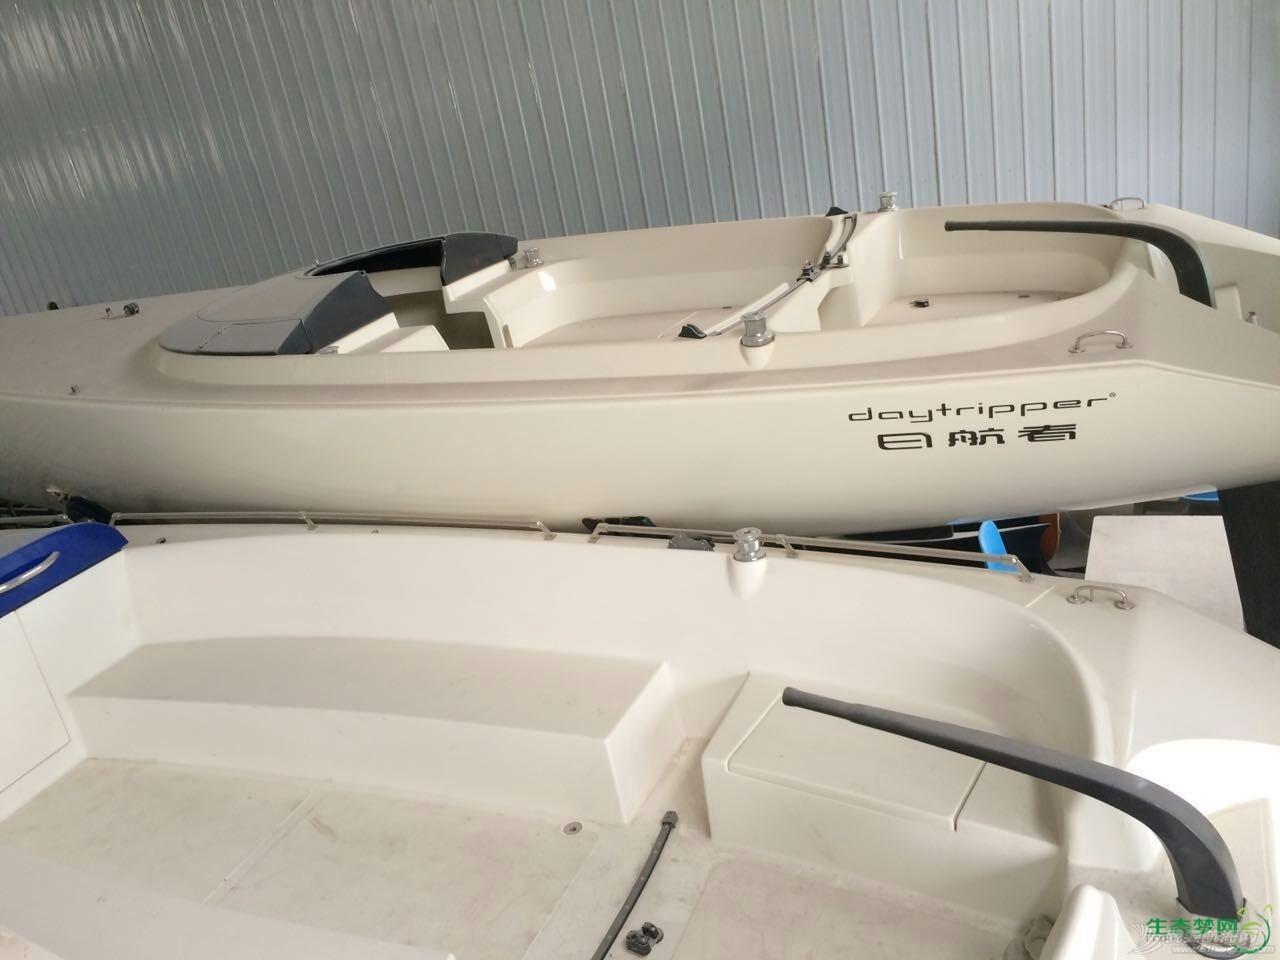 帆船 五条日航者帆船(daytripper)出售 6.jpg